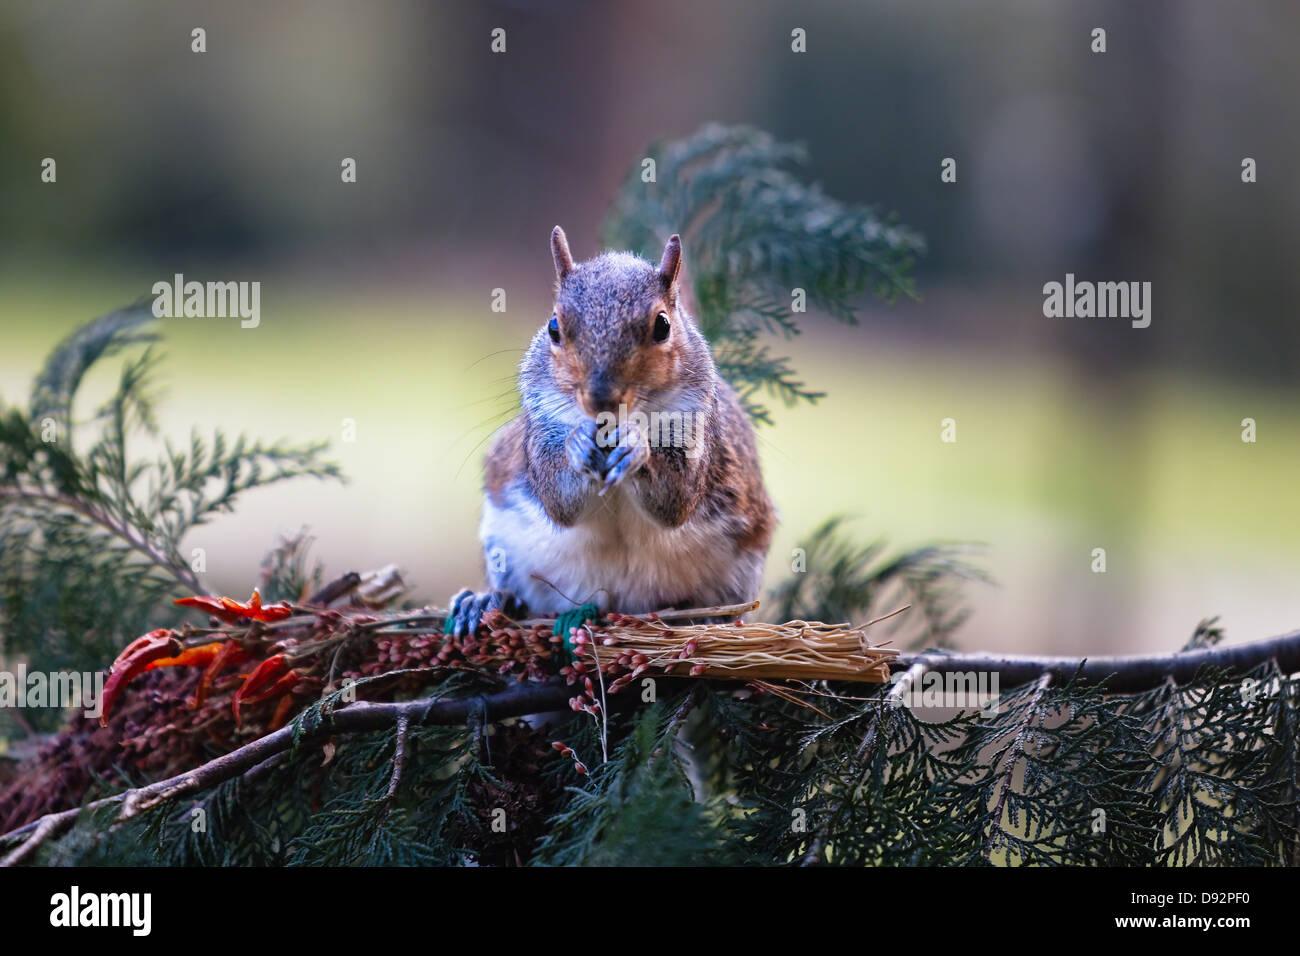 Ein Baum-Eichhörnchen ist Essen Nüssen auf einem Ast Stockbild